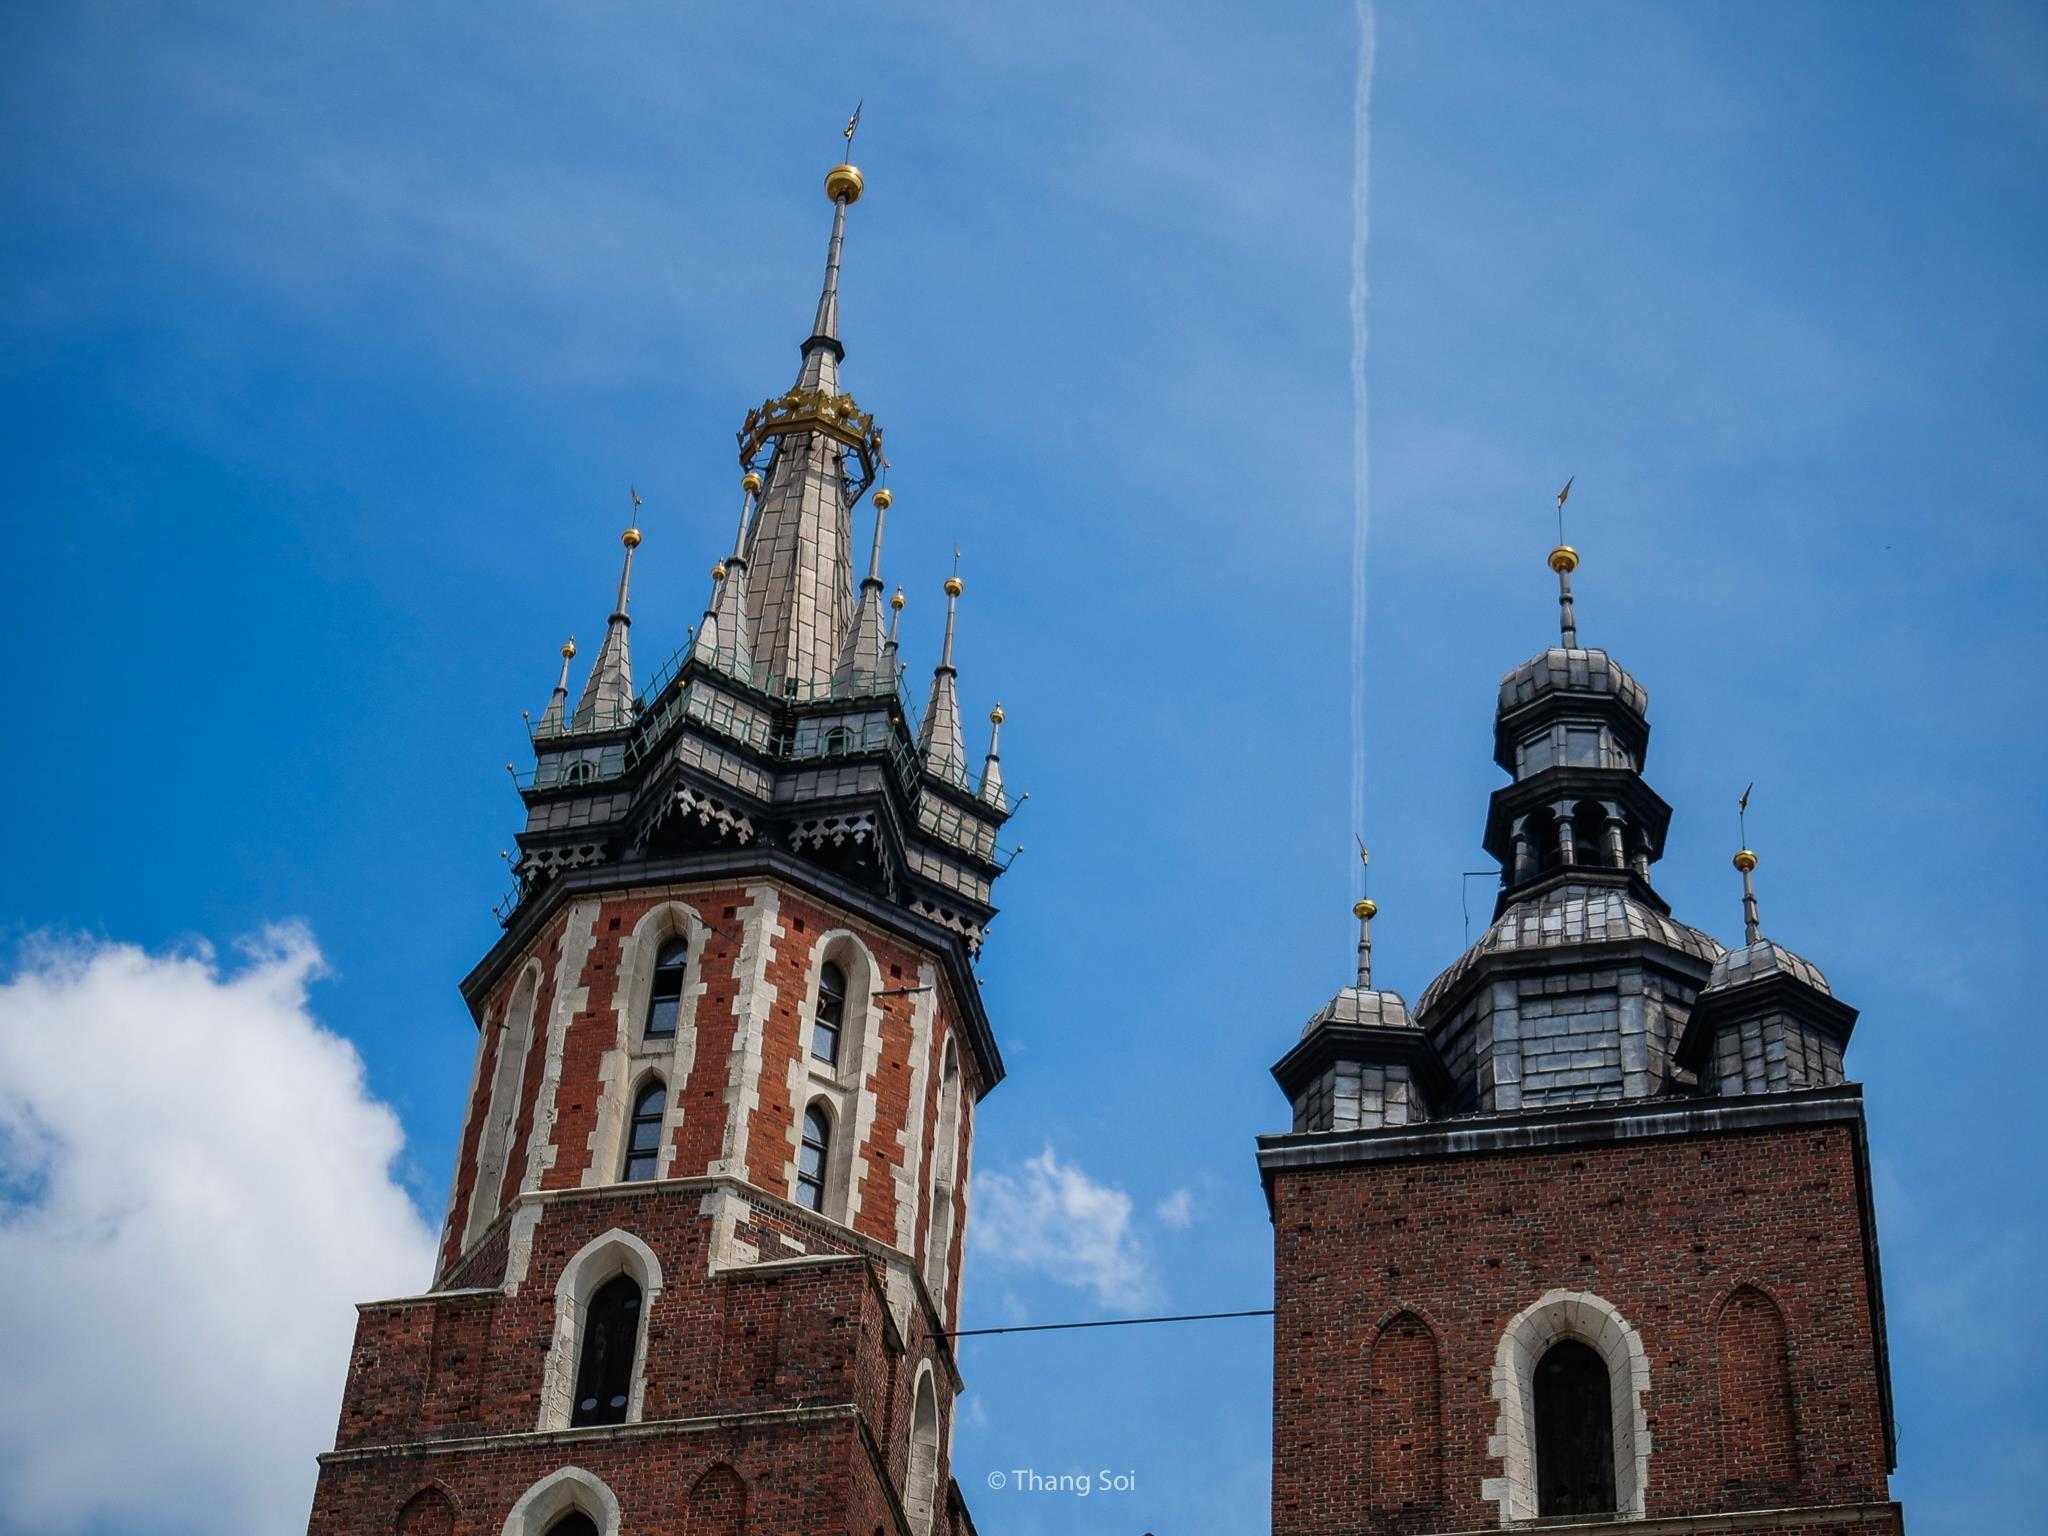 Krakow, kinh do co phai ghe tham khi den Ba Lan hinh anh 42